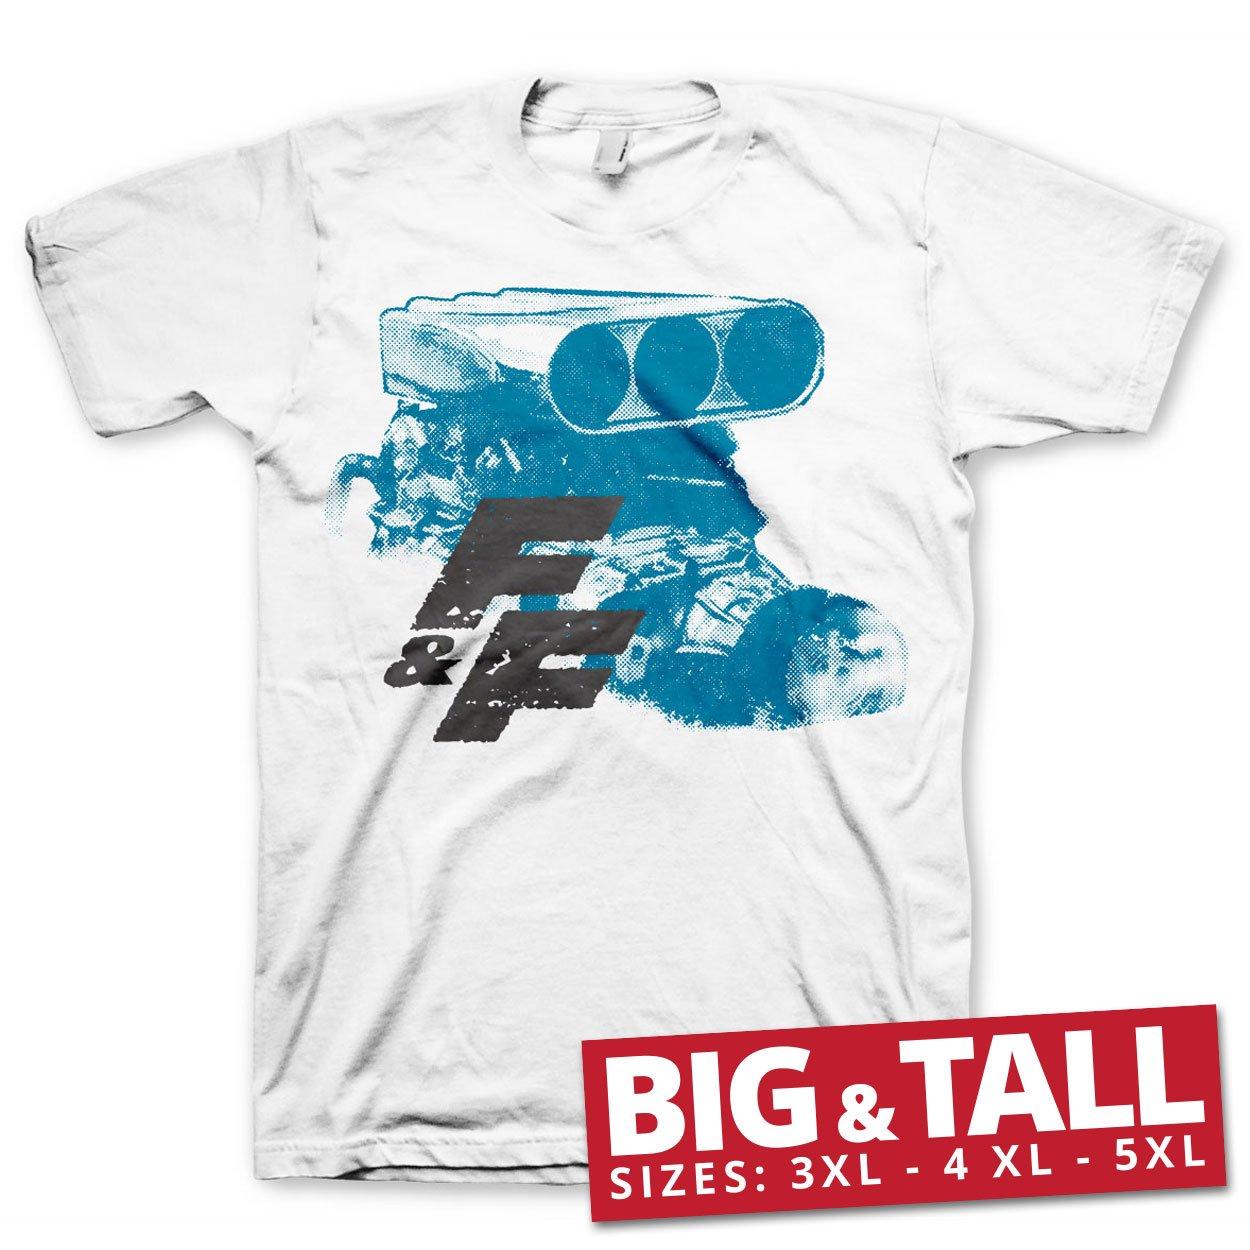 Oficialmente Licenciado Fast & Furious Engine 3XL, 4XL, 5XL Hombre Camiseta (Blanco), 3X-Large: Amazon.es: Ropa y accesorios